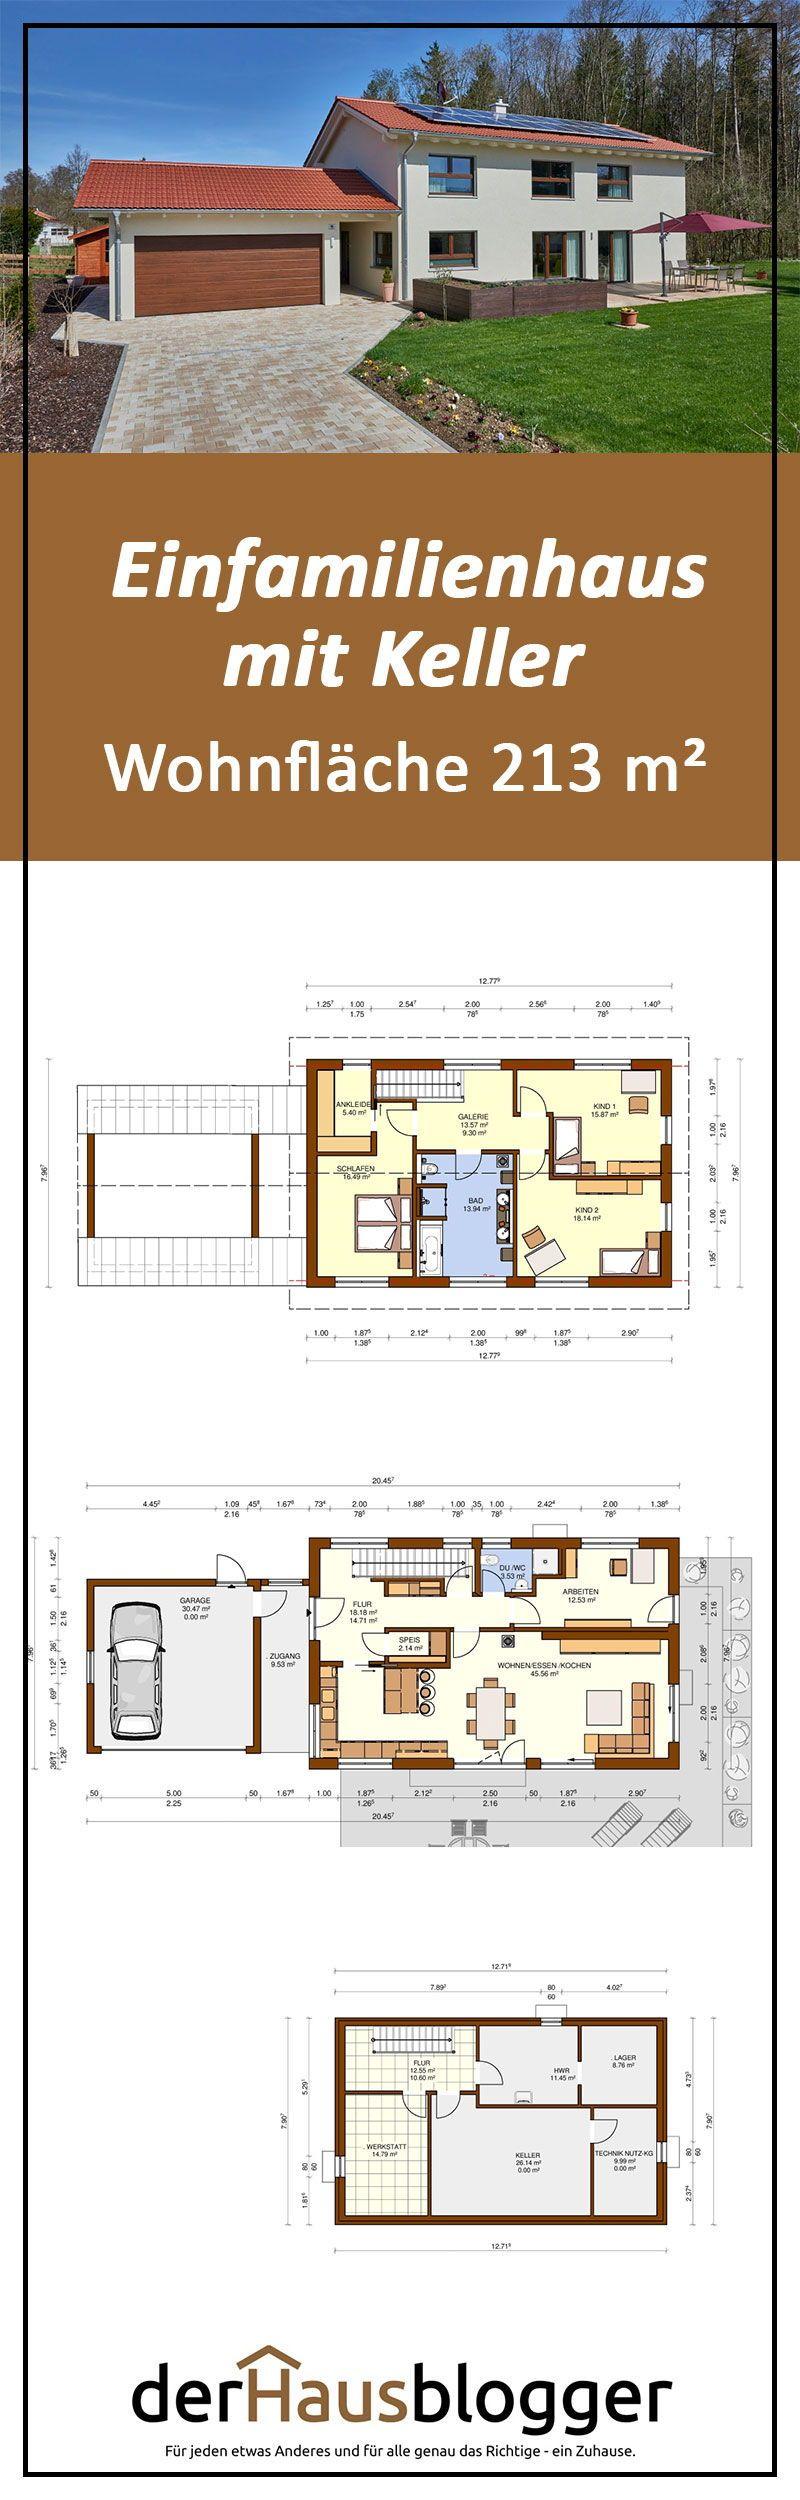 Küchendesign für bungalowhaus einfamilienhaus mit keller wohnfläche  m in